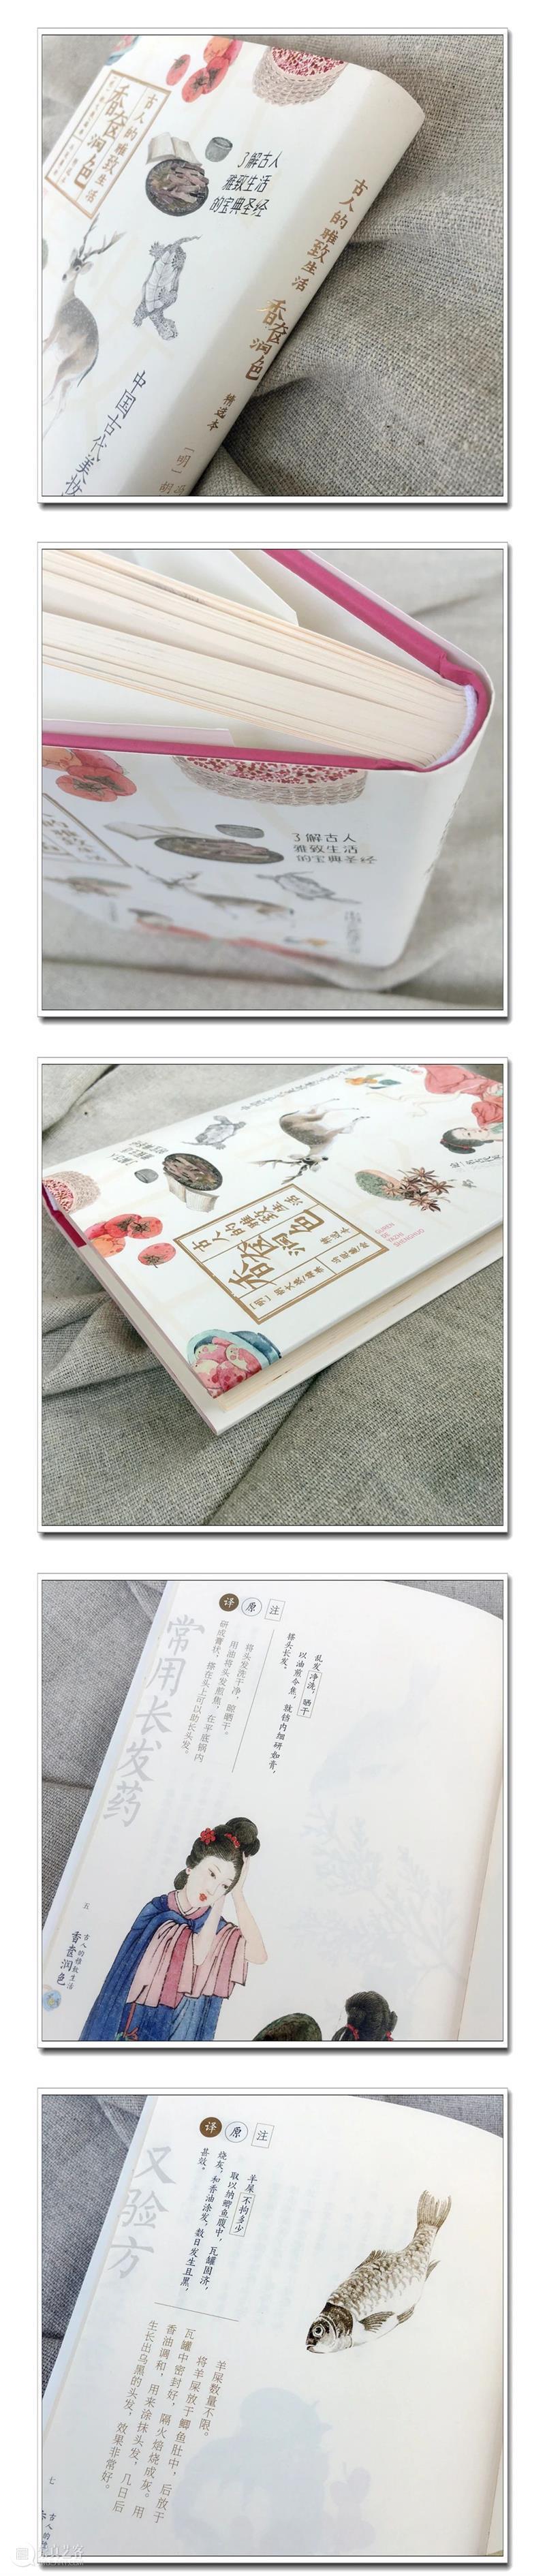 一日一书 | 香奁润色——中国古代美妆博主良心推荐 崇真艺客